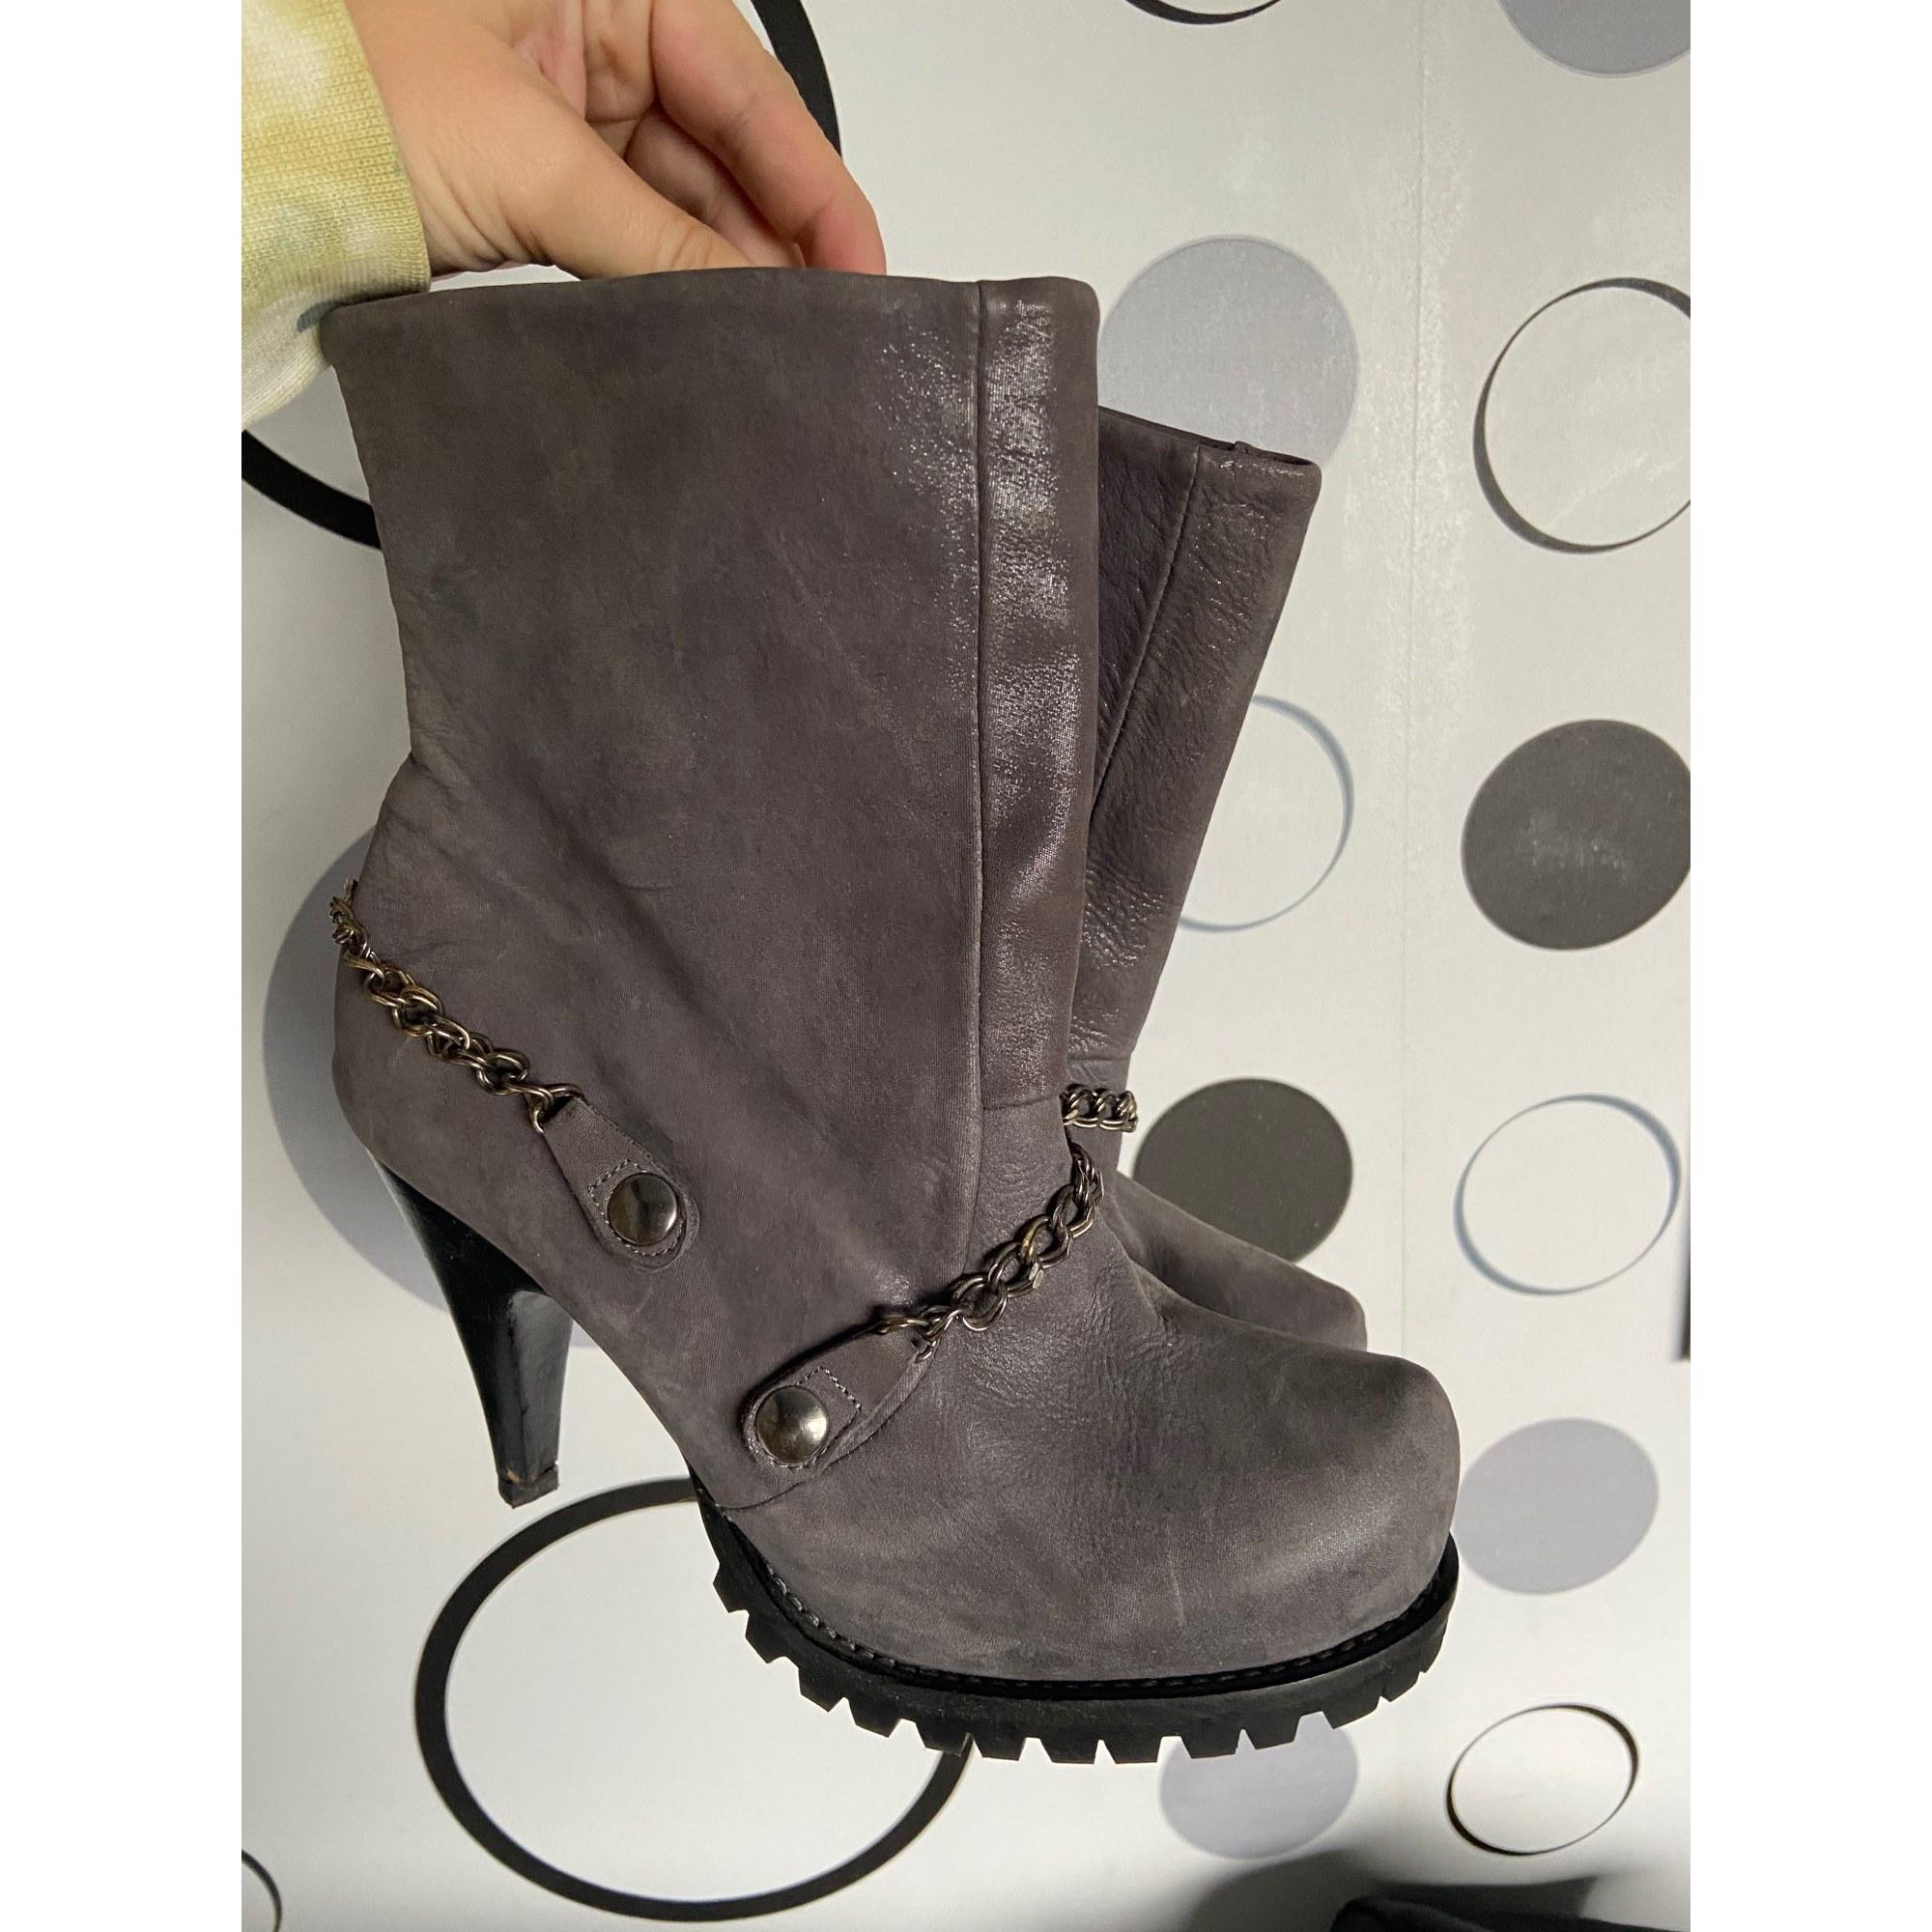 Bottines & low boots à talons COP-COPINE Gris, anthracite